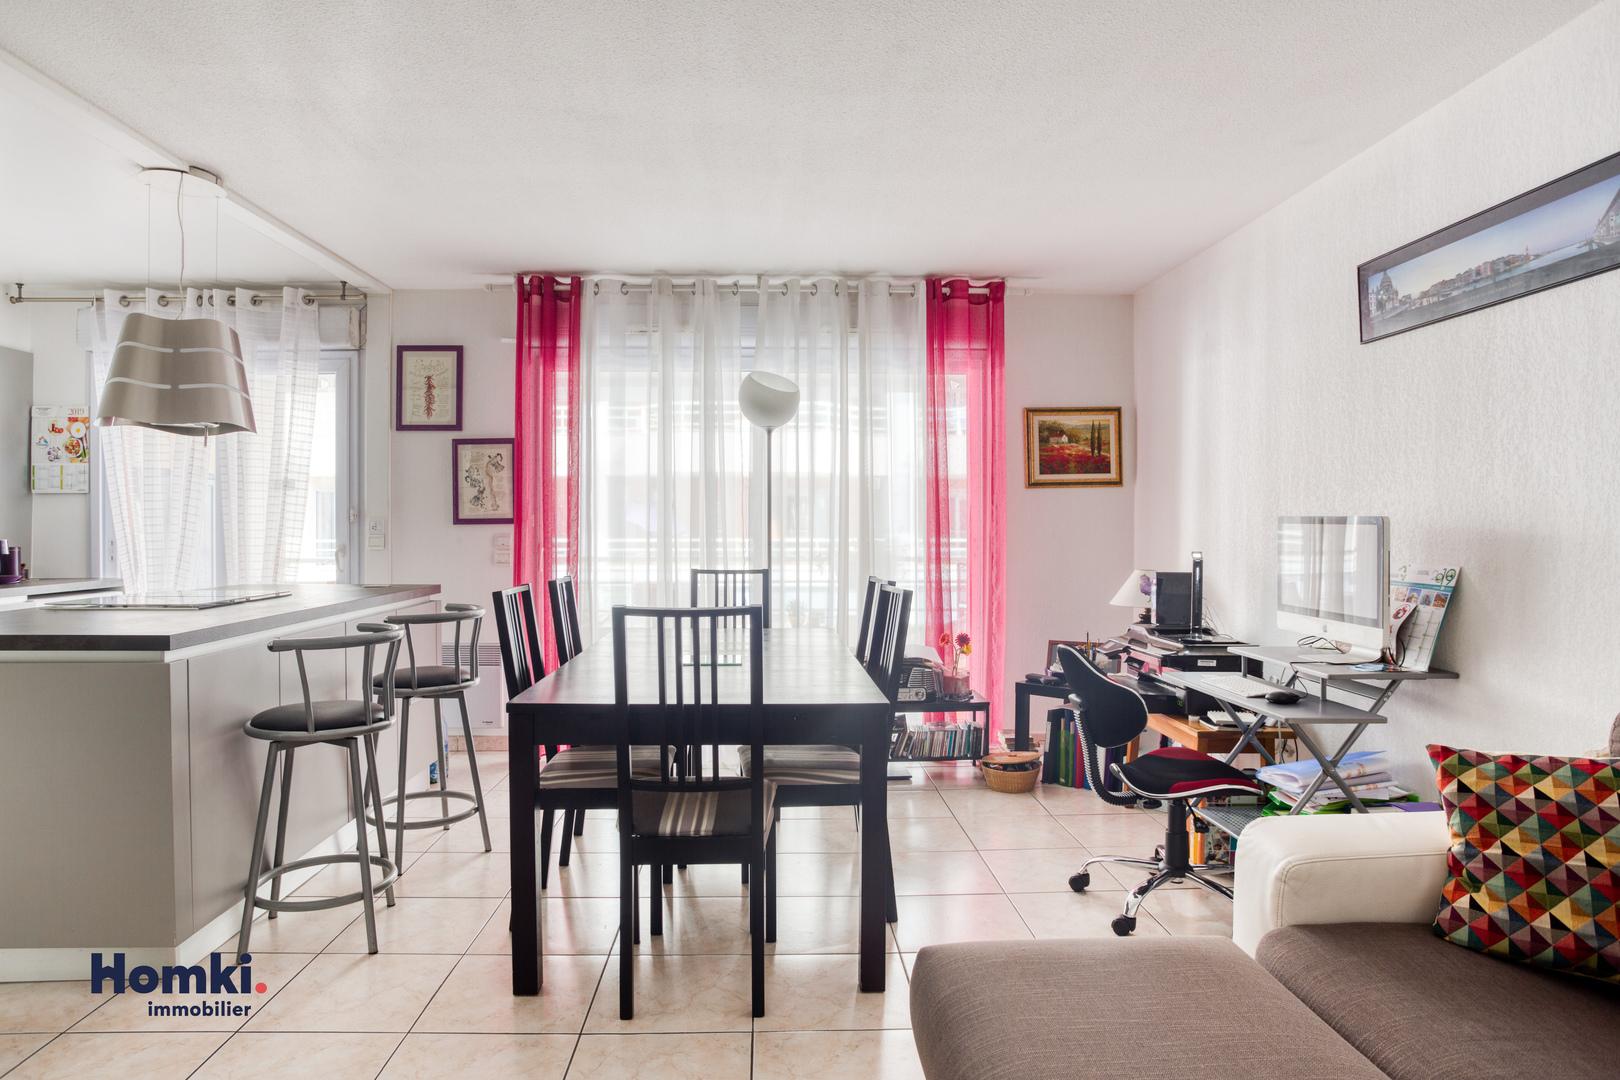 Vente Appartement 72 m² T4 83700_1